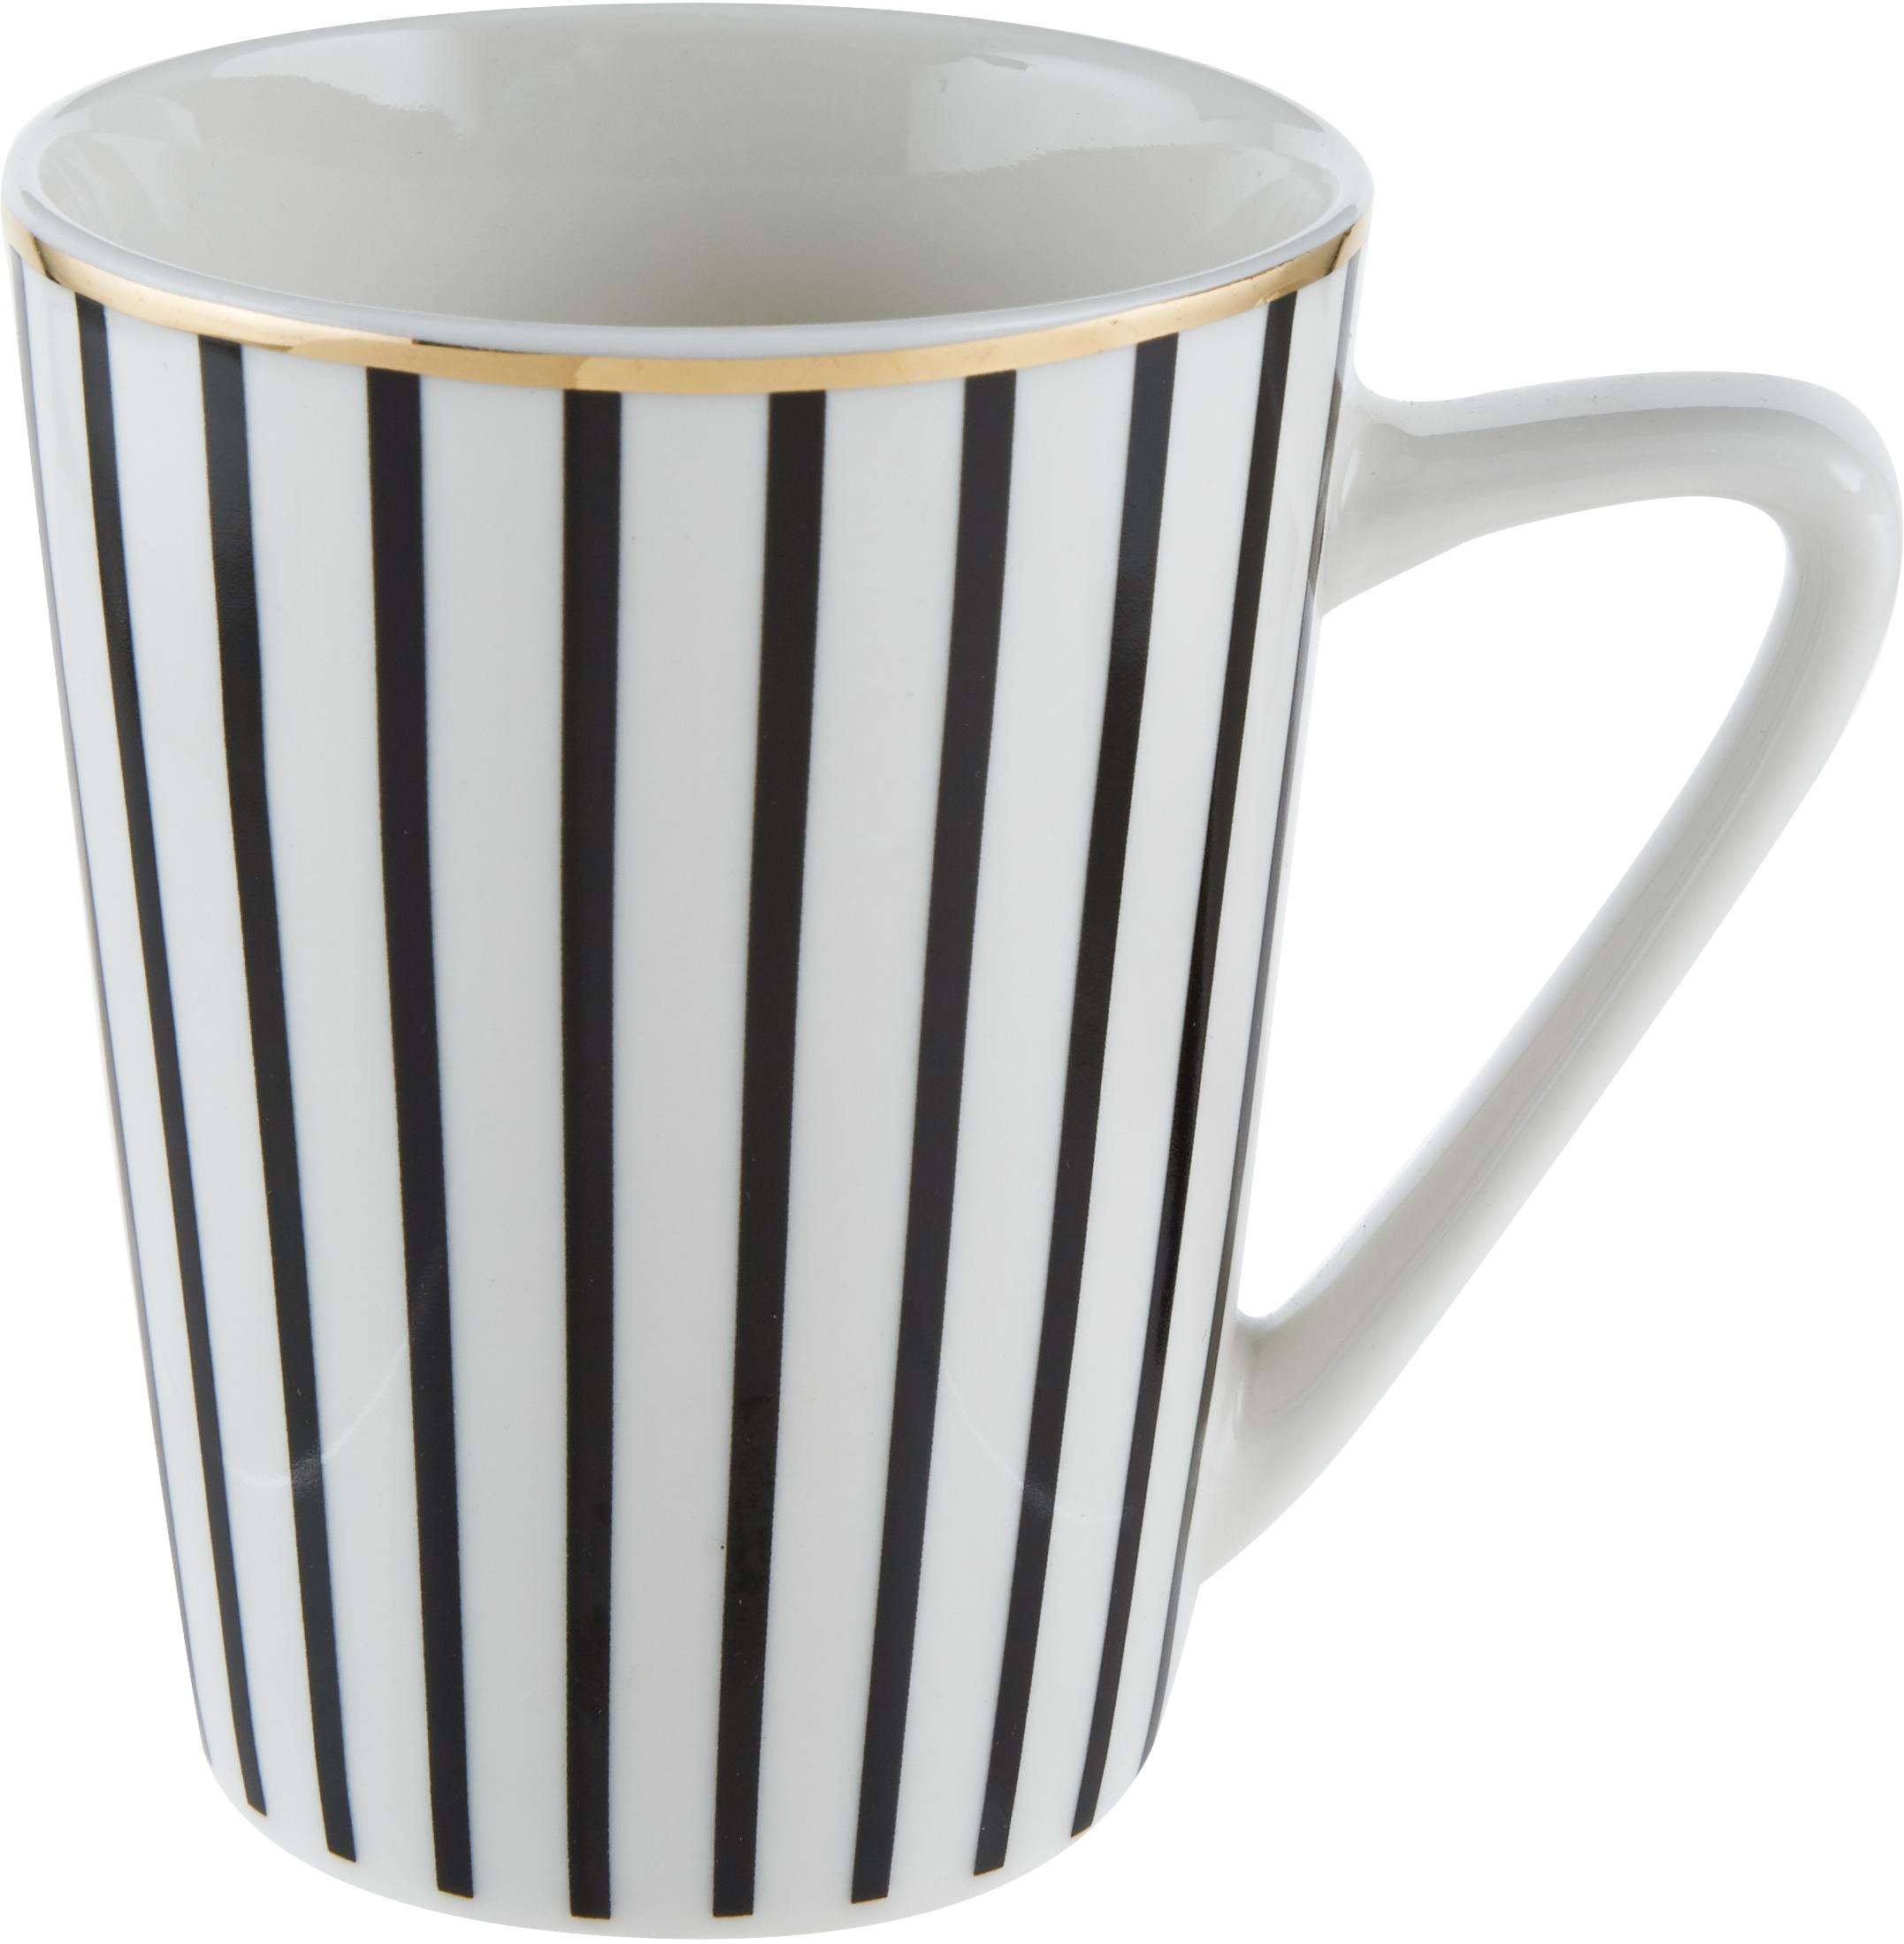 Tazza da tè Pluto Loft, 4 pz., Porcellana, Nero, bianco, Ø 8 x Alt. 10 cm